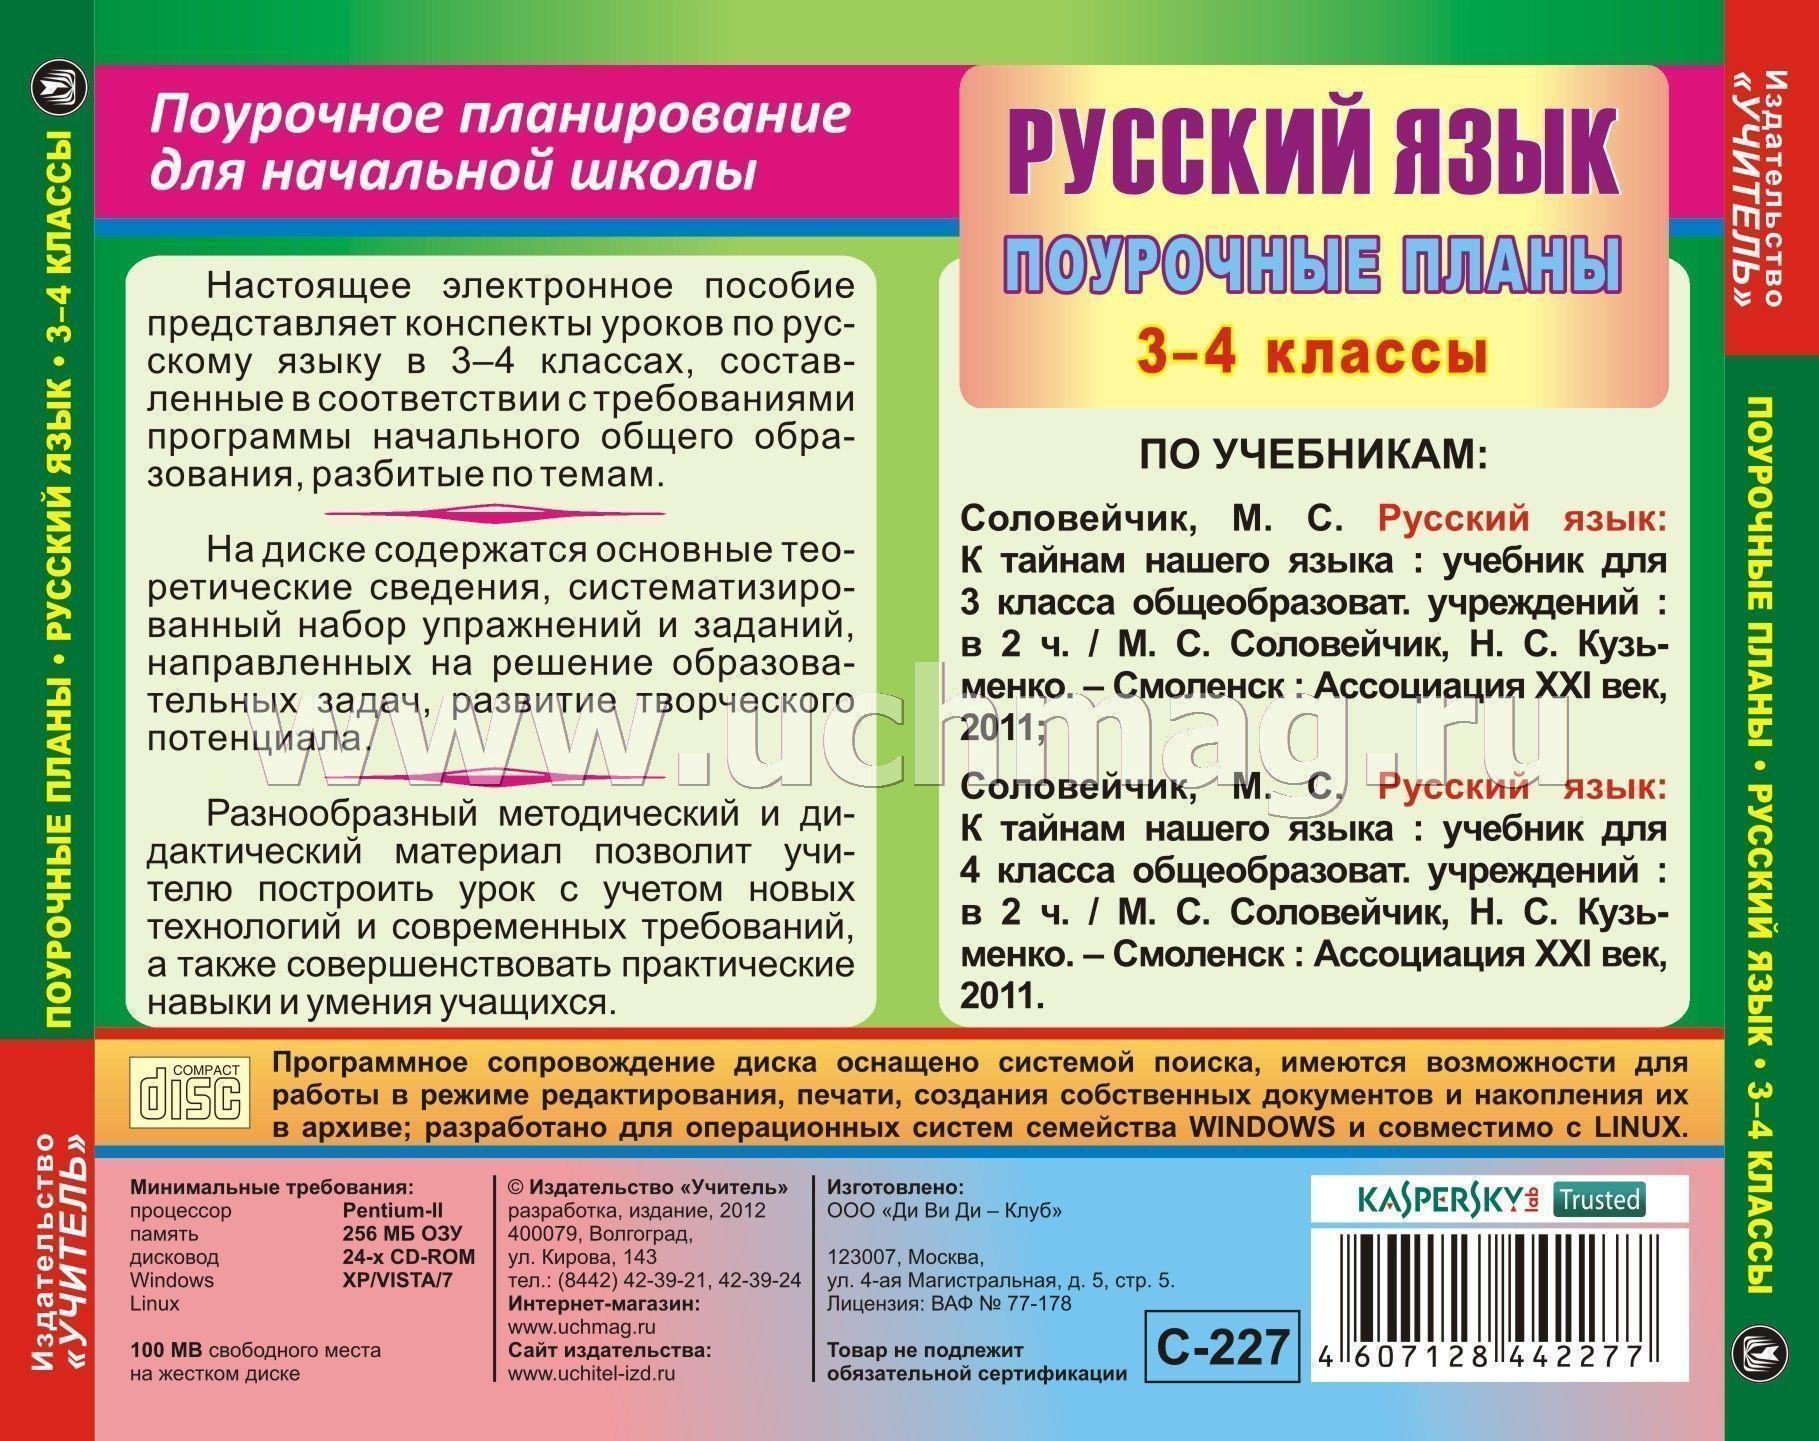 русский язык программа гармония 4 класс номер